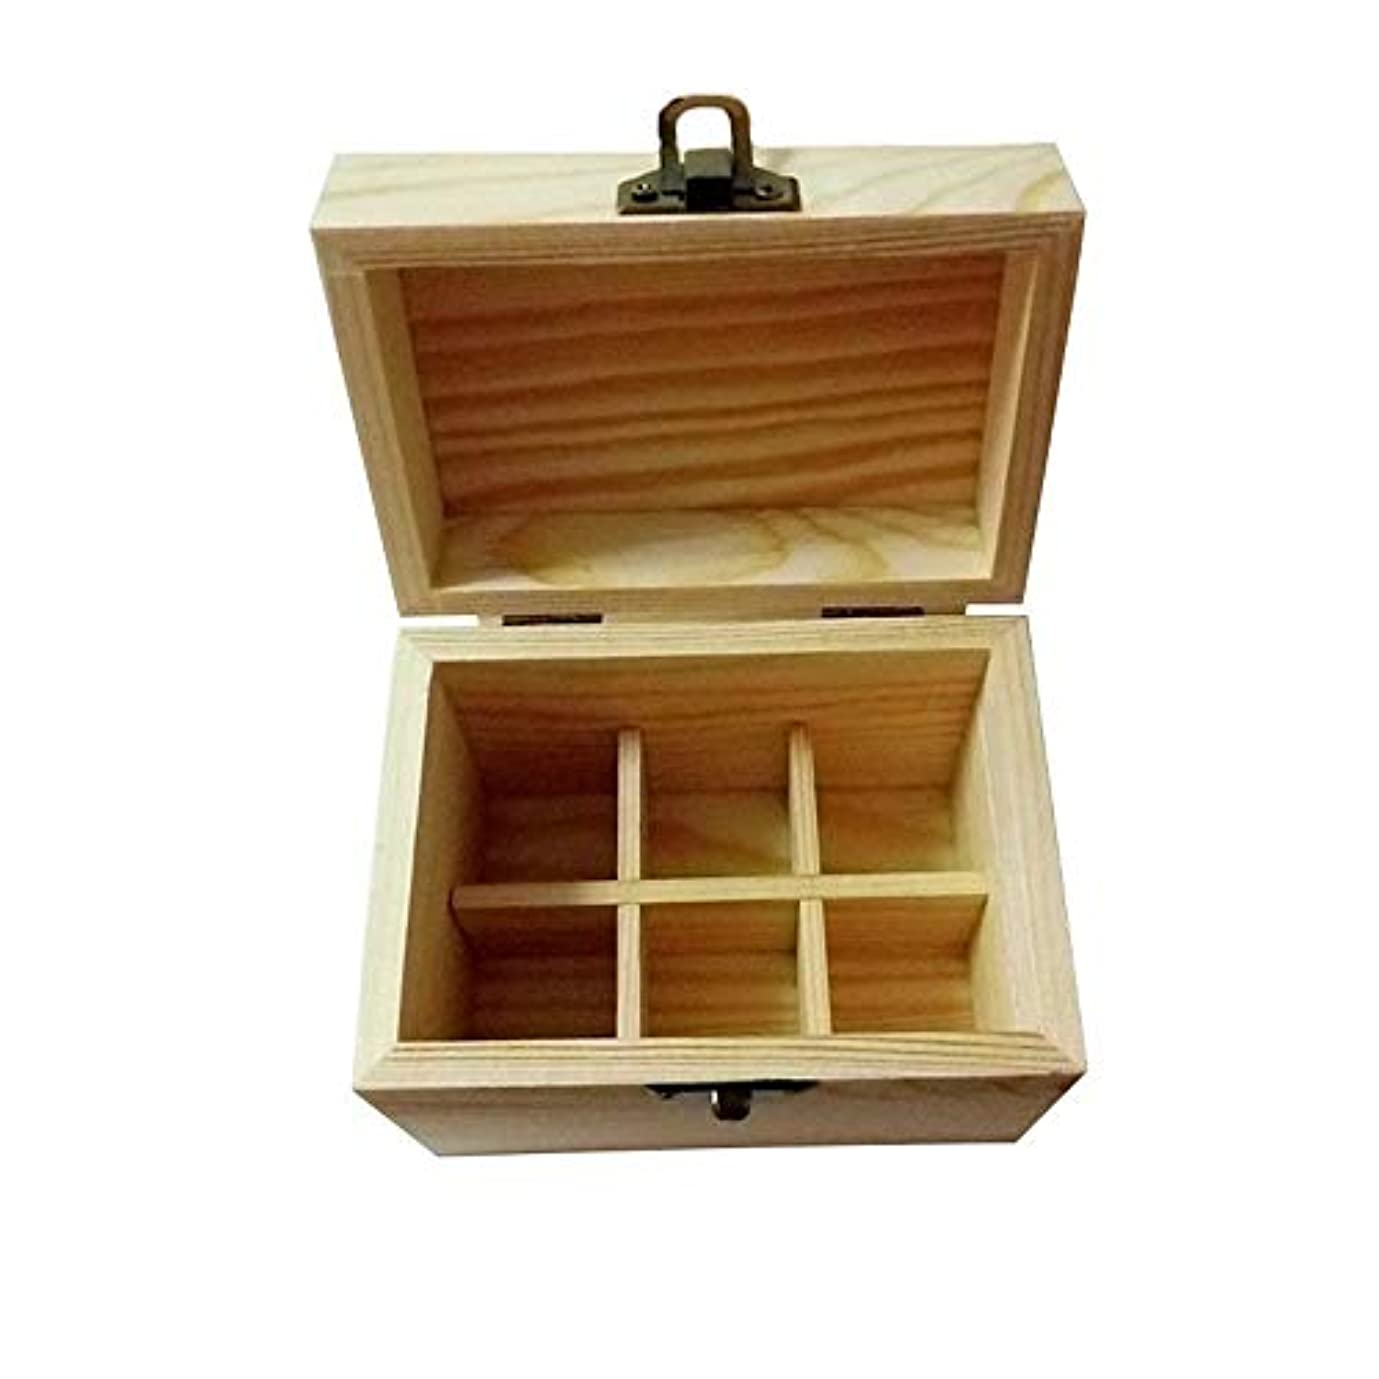 ピービッシュトライアスロン体系的にエッセンシャルオイルストレージボックス エッセンシャルオイルストレージボックスケース木製の主催者は6本のキャリングセーフボトルやホームストレージの表示を保持します 旅行およびプレゼンテーション用 (色 : Natural, サイズ : 11.5X8X9.5CM)